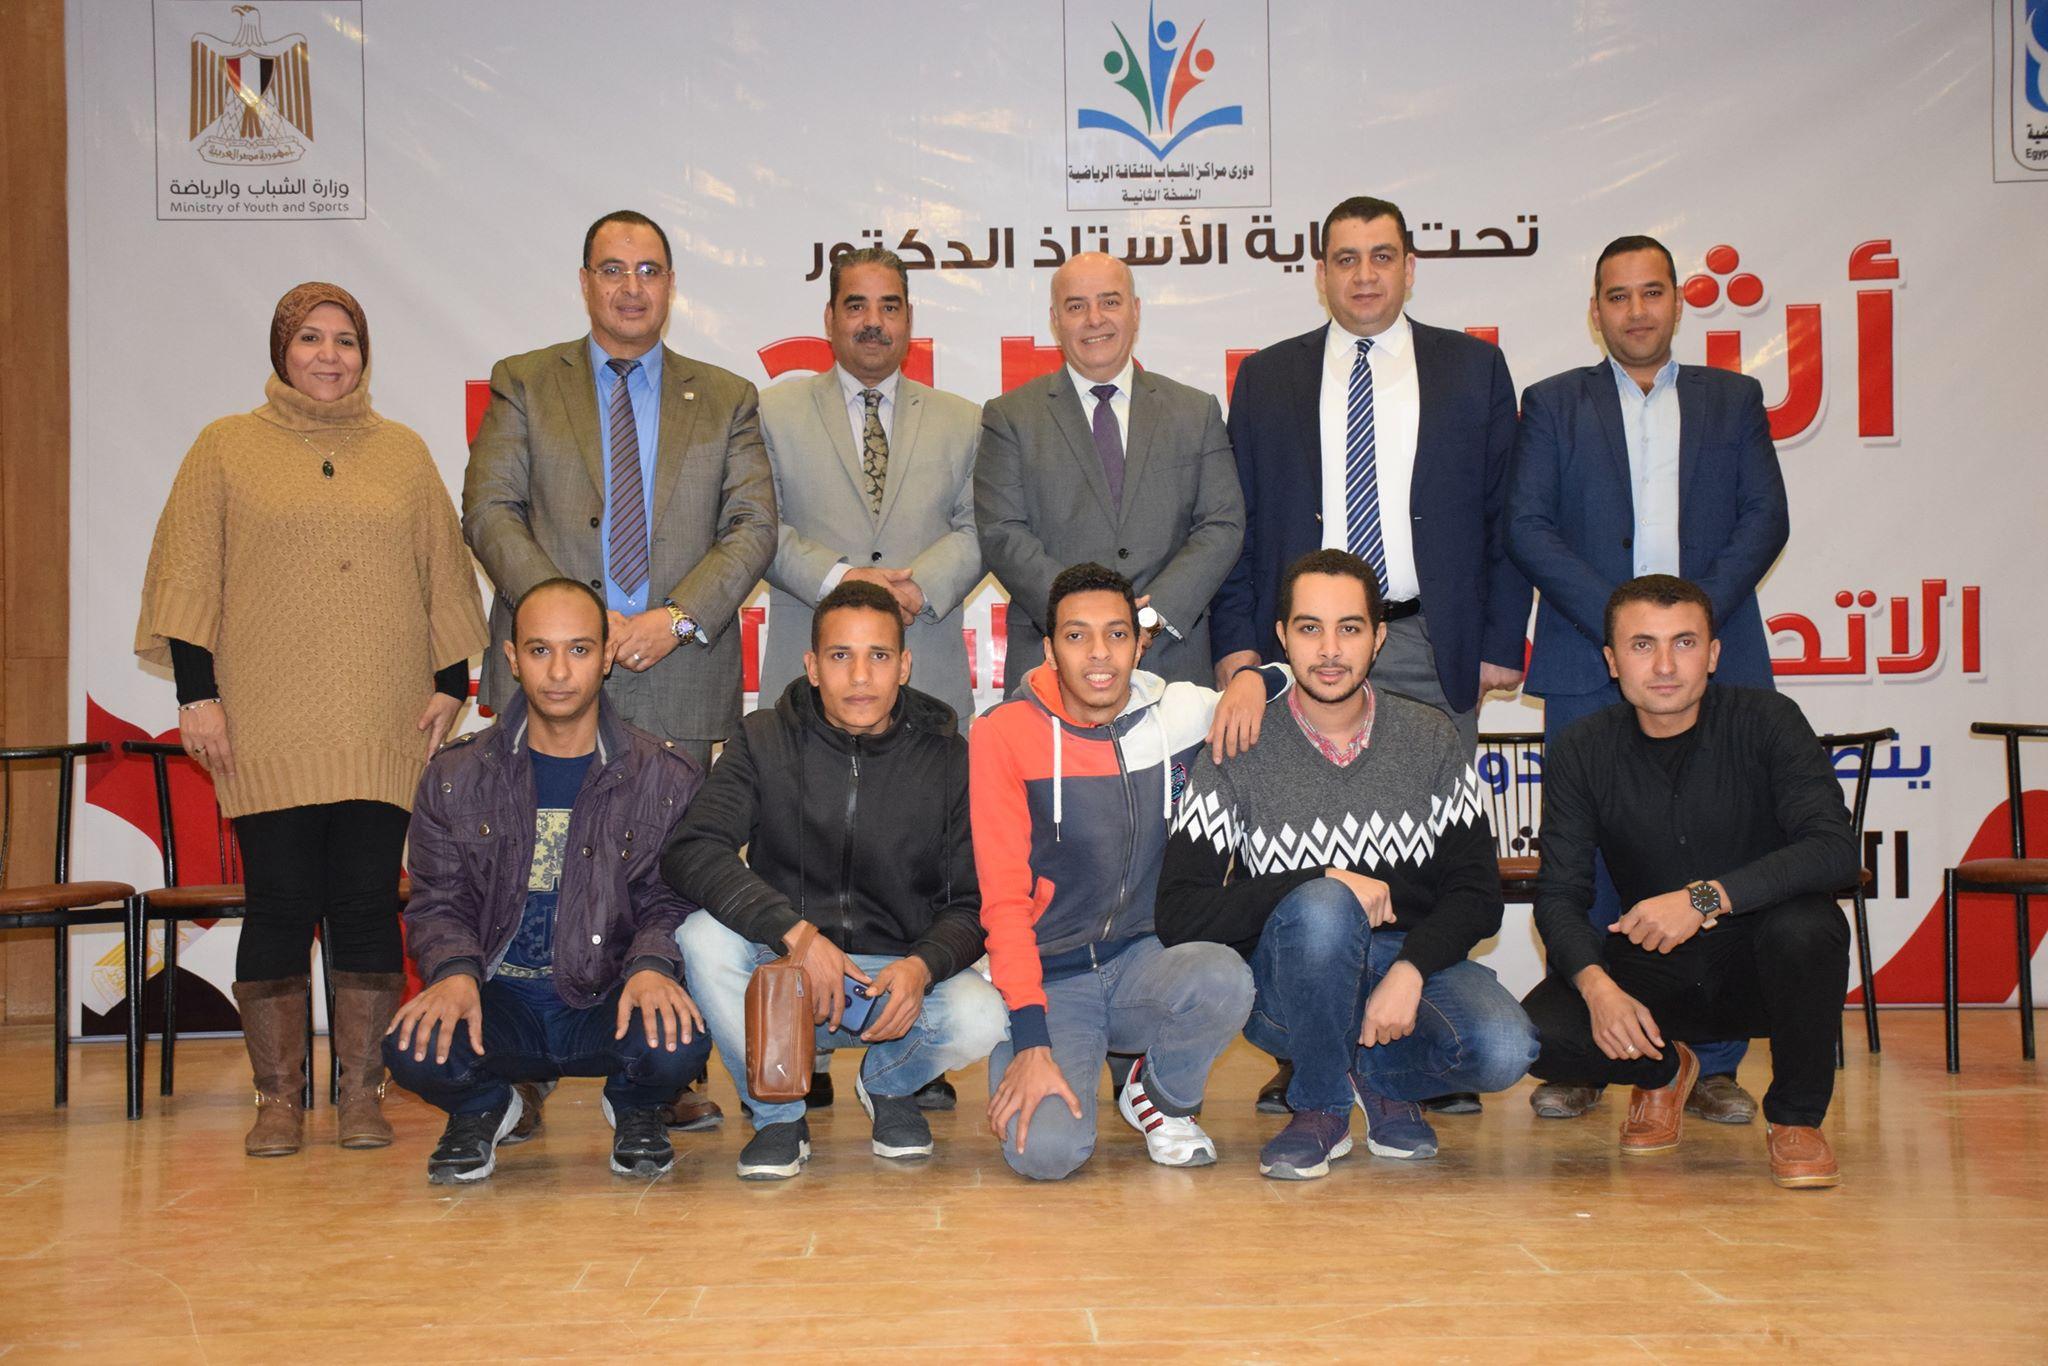 المسئولين مع مركز الشباب الفائز